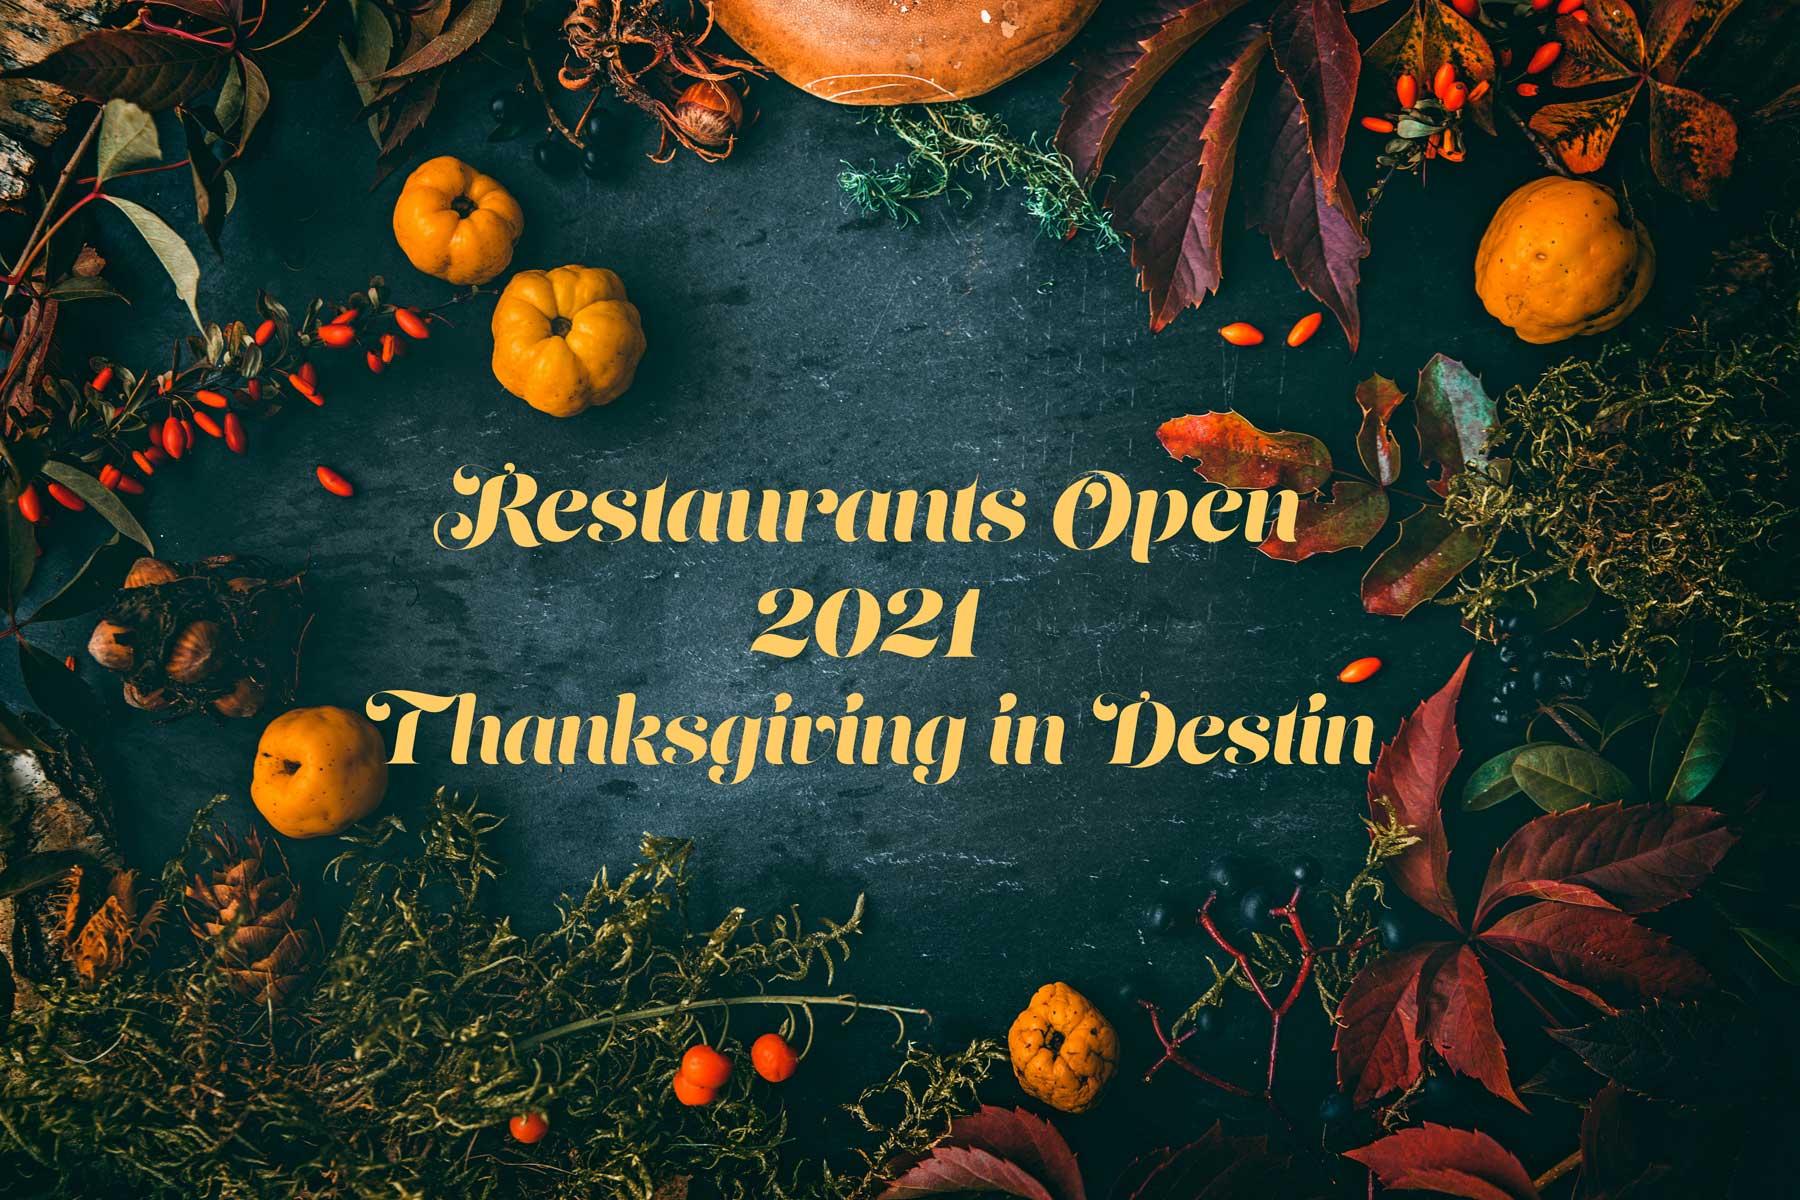 Restaurants Open for Thanksgiving in Destin 2021